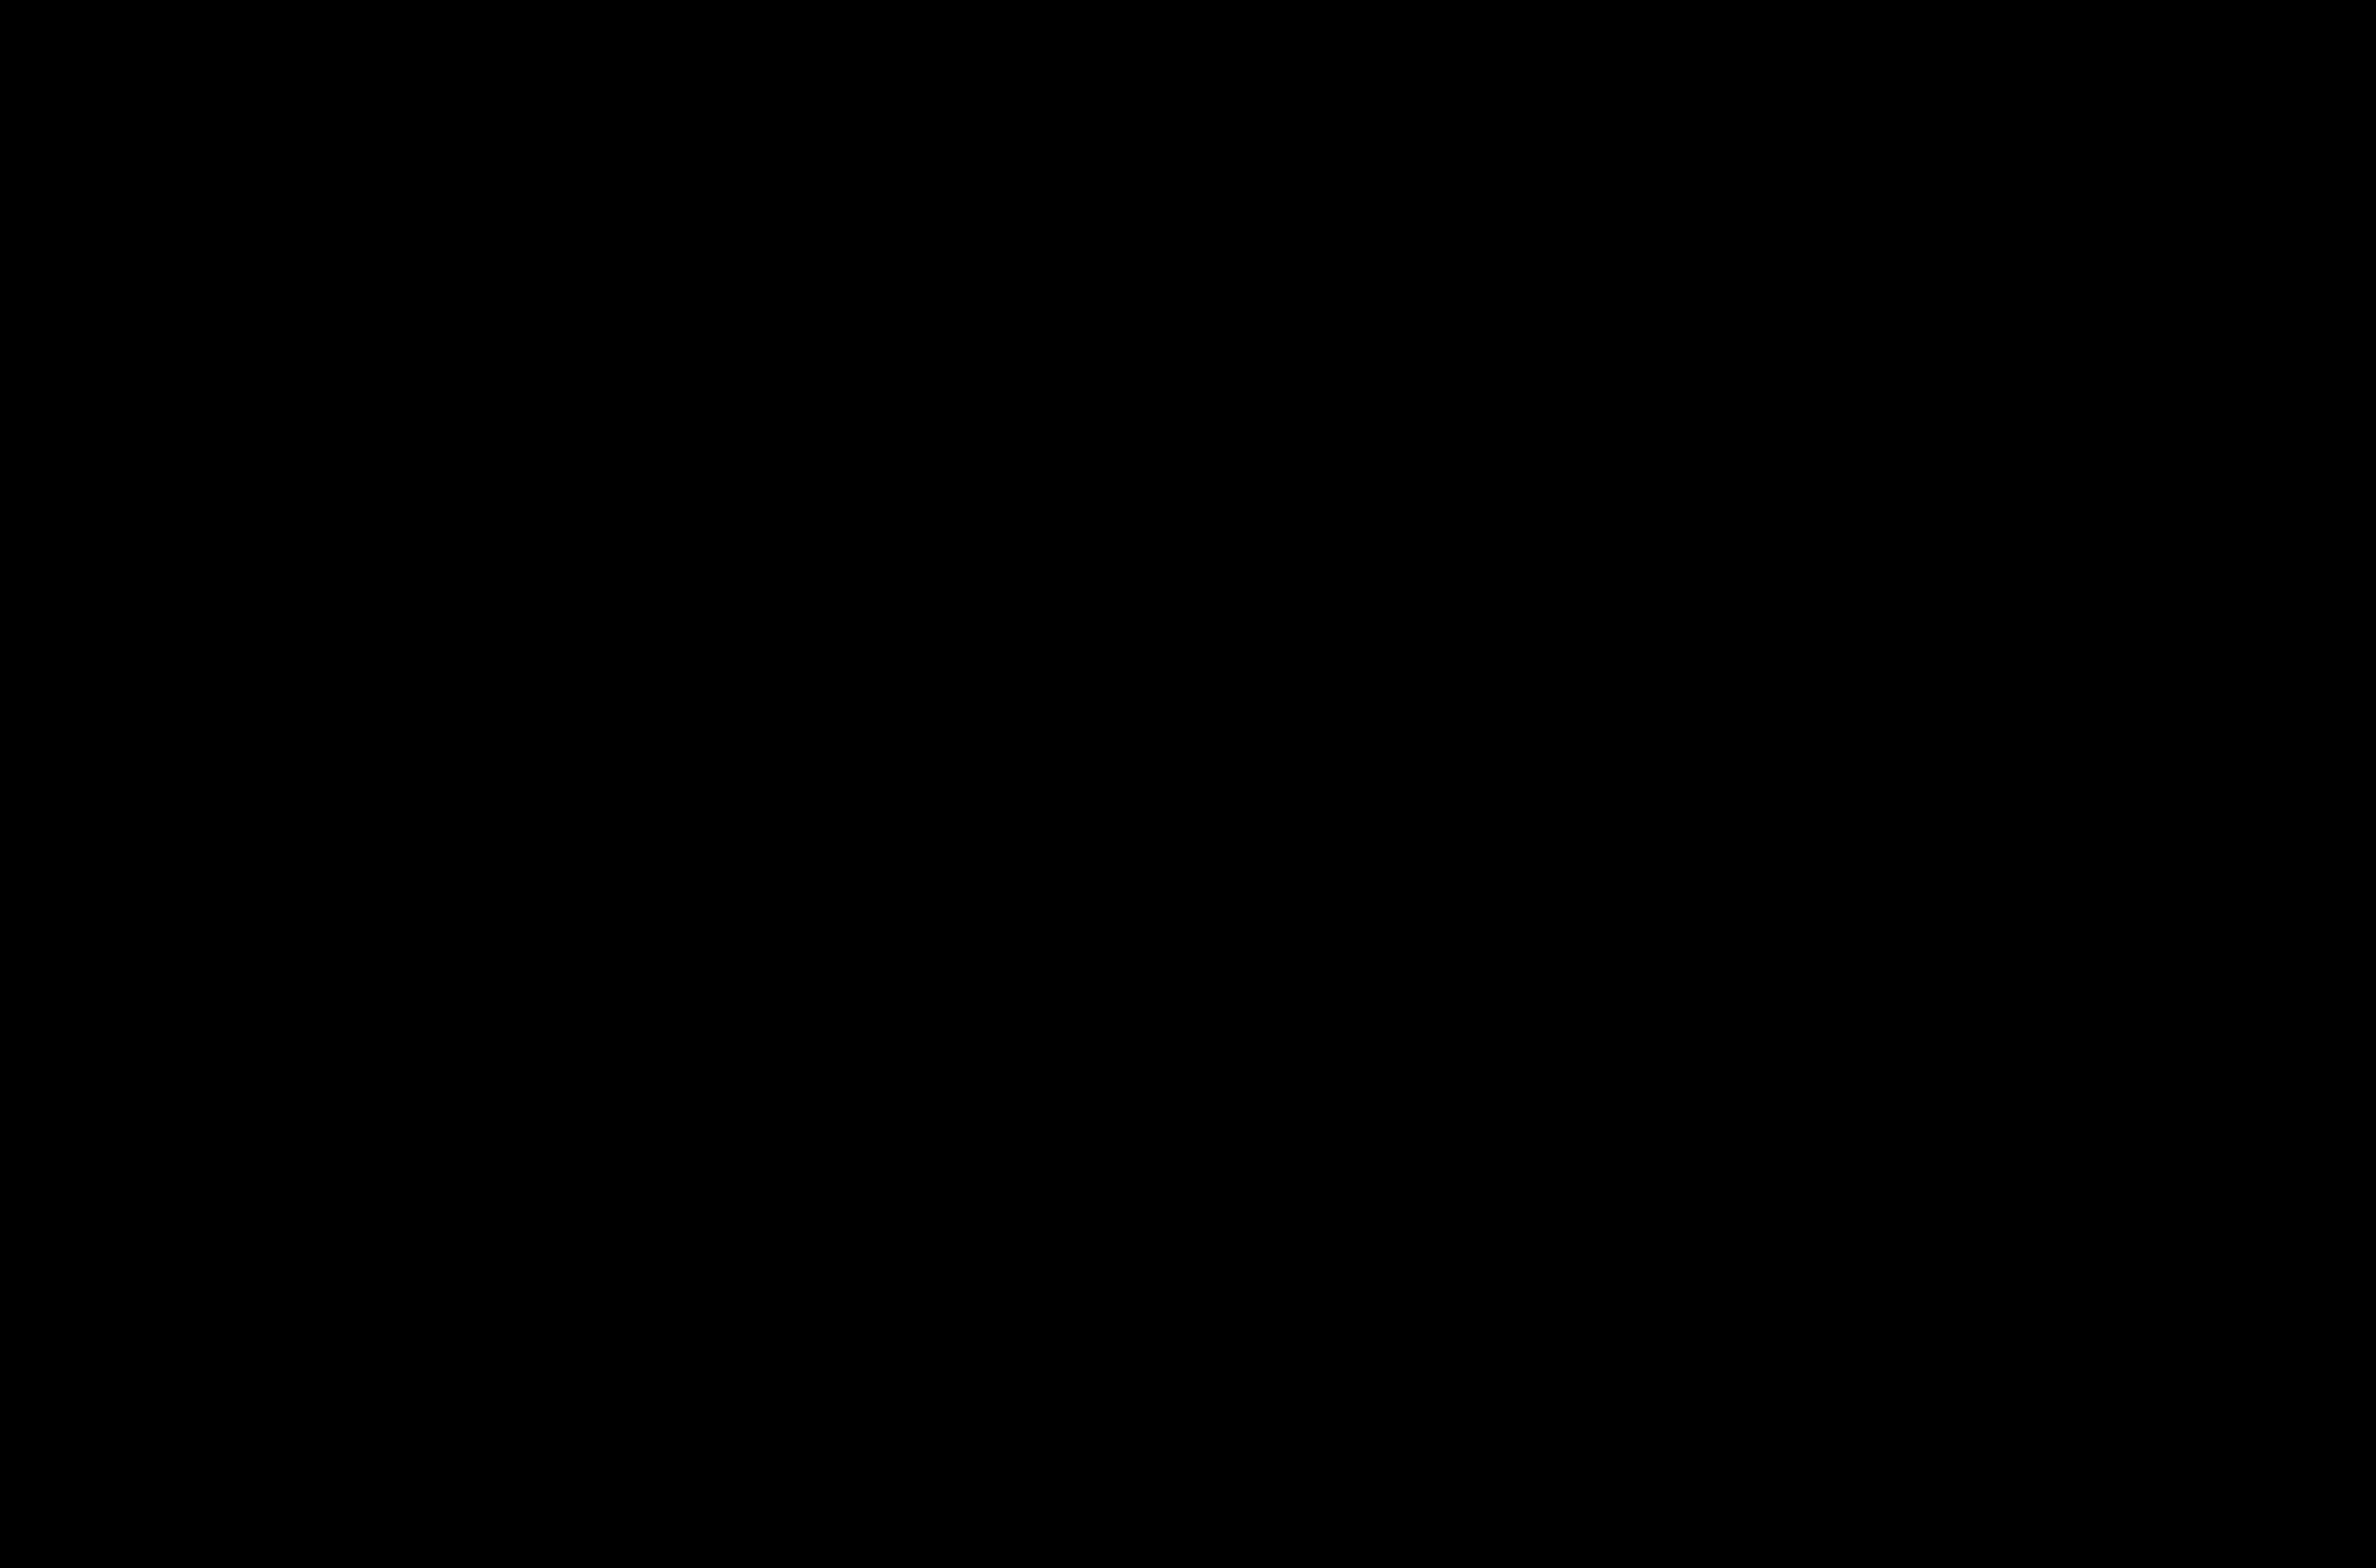 RR_logo_black.png